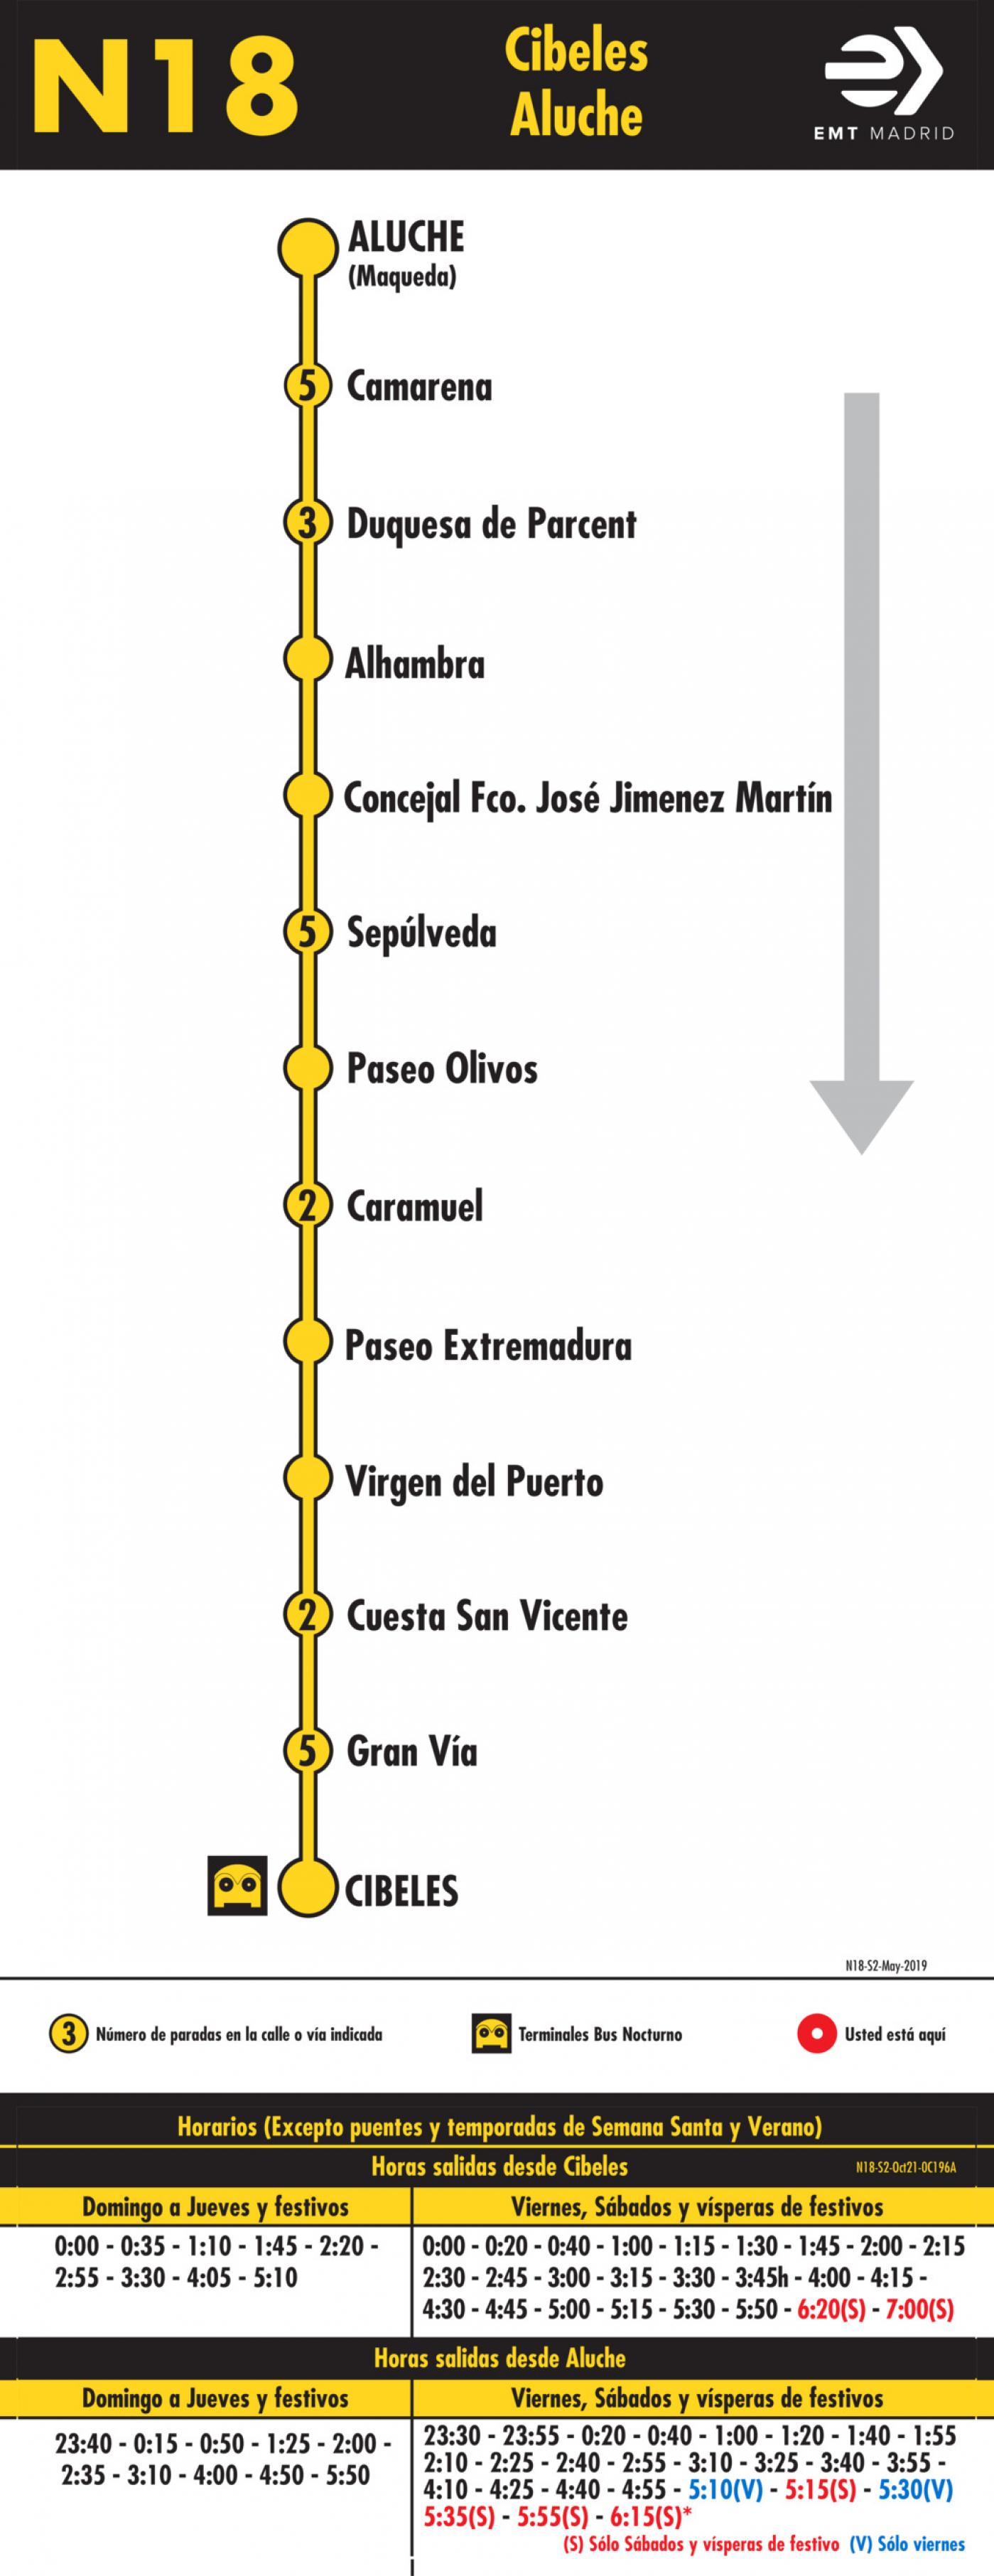 Tabla de horarios y frecuencias de paso en sentido vuelta Línea N18: Plaza de Cibeles - Aluche (búho)